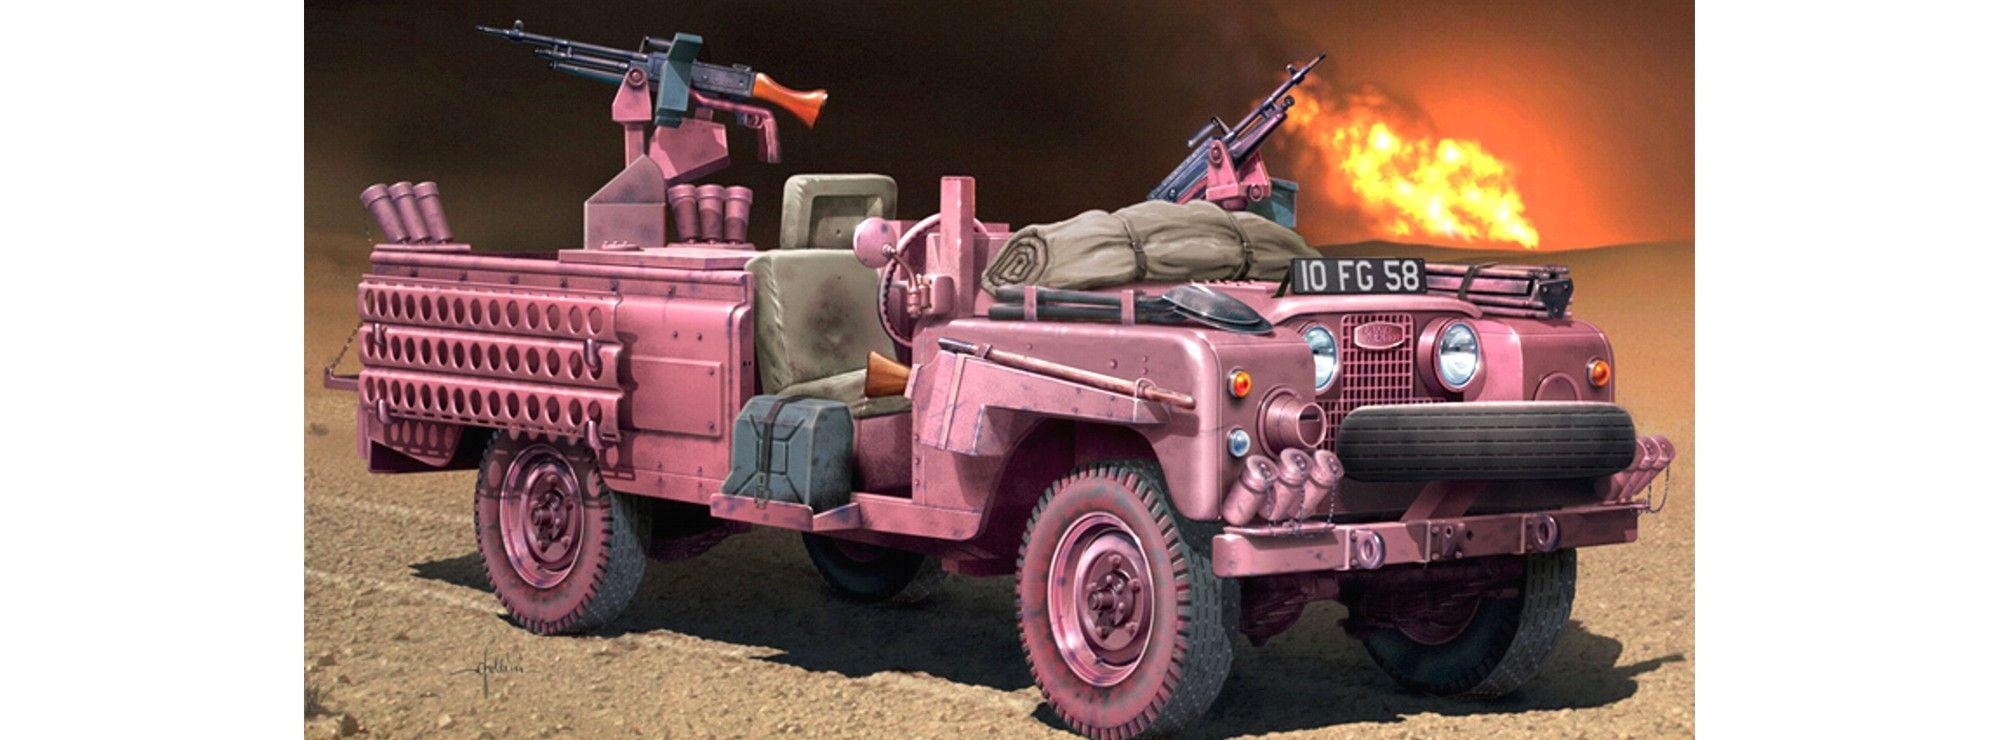 rover queen pink news panther land sale rendered defender tasks landrover elizabeth for various